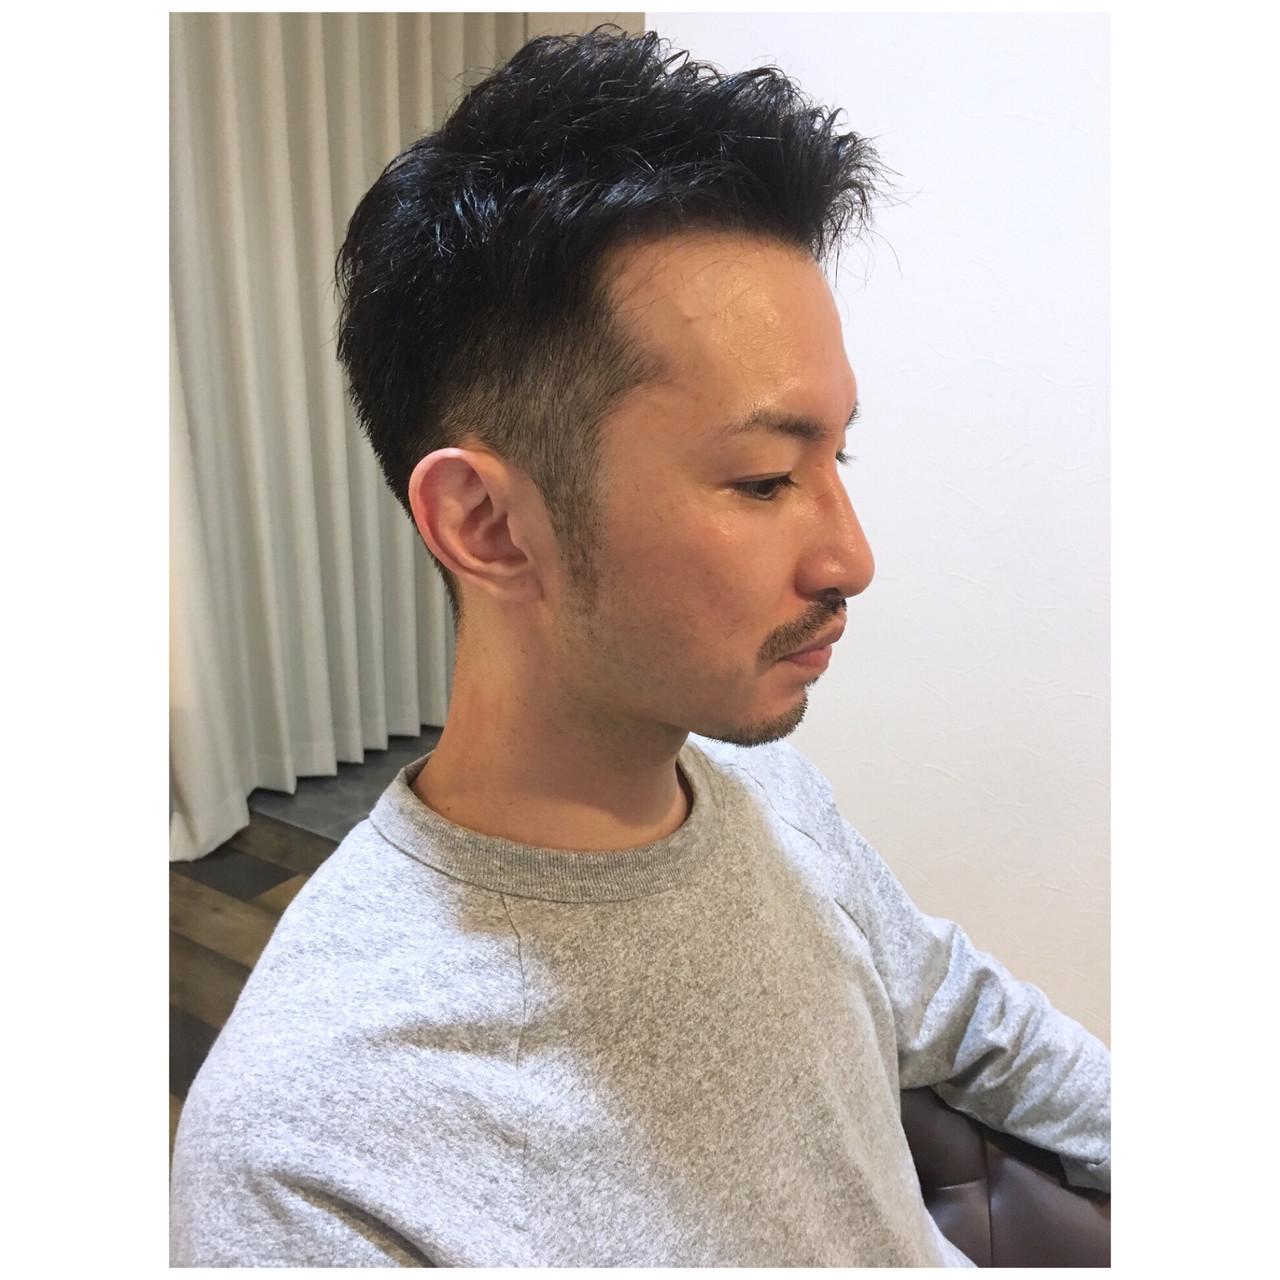 ナチュラル メンズカット 刈り上げショート ショート ヘアスタイルや髪型の写真・画像